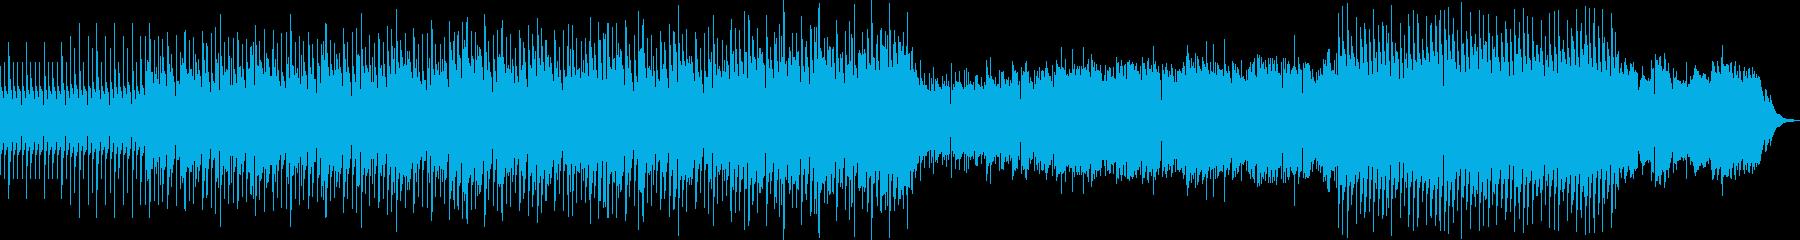 キレのあるダンスEDMトラックの再生済みの波形